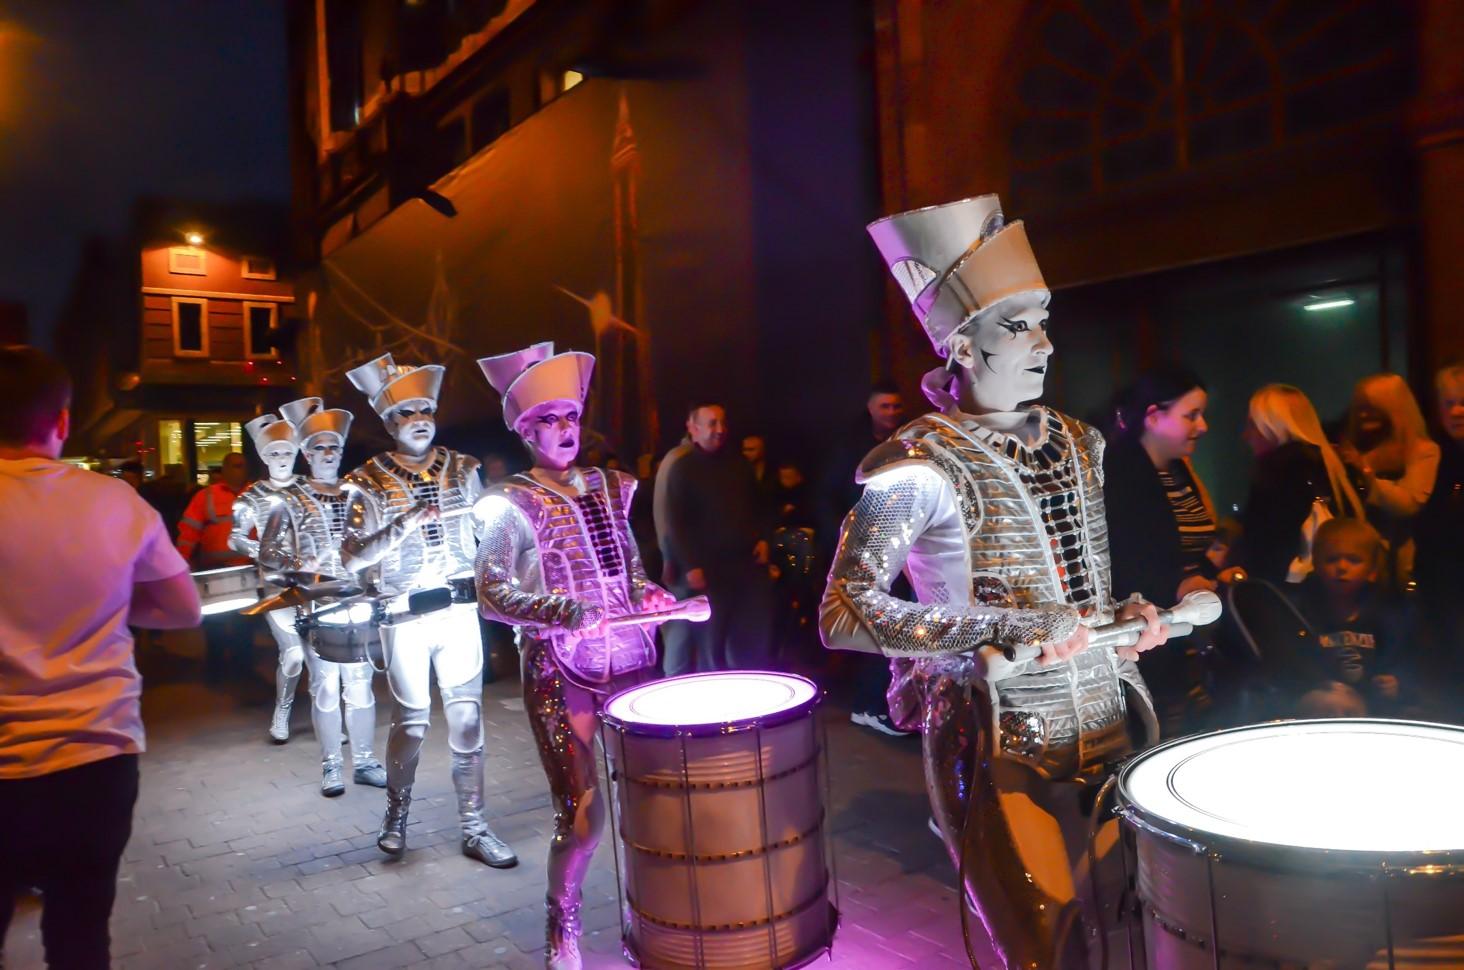 Drummers walking through Blackpool